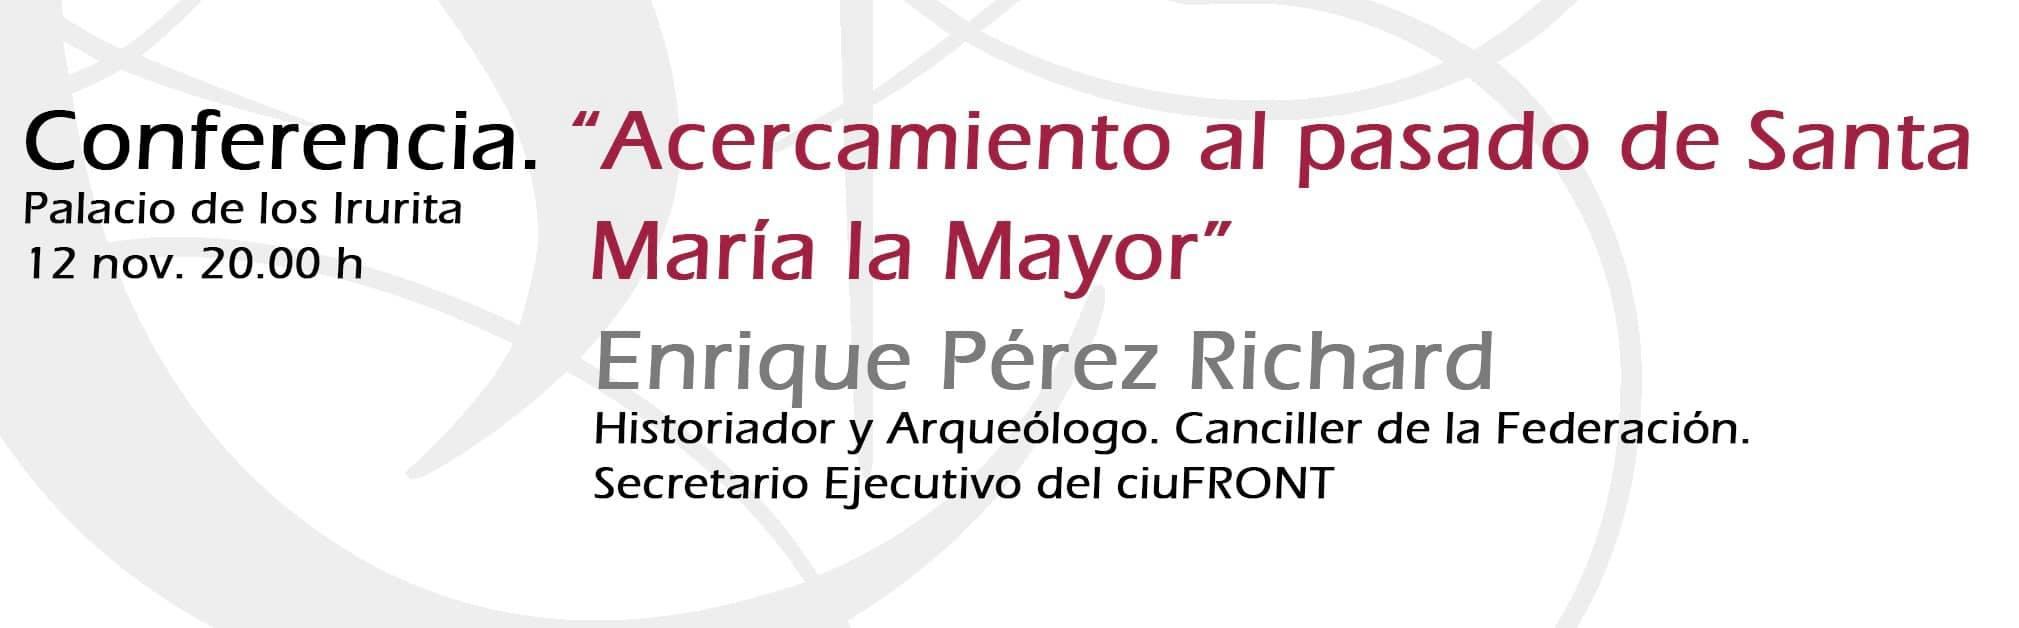 """Conferencia """"Acercamiento al pasado de Santa Maria la Mayor"""""""